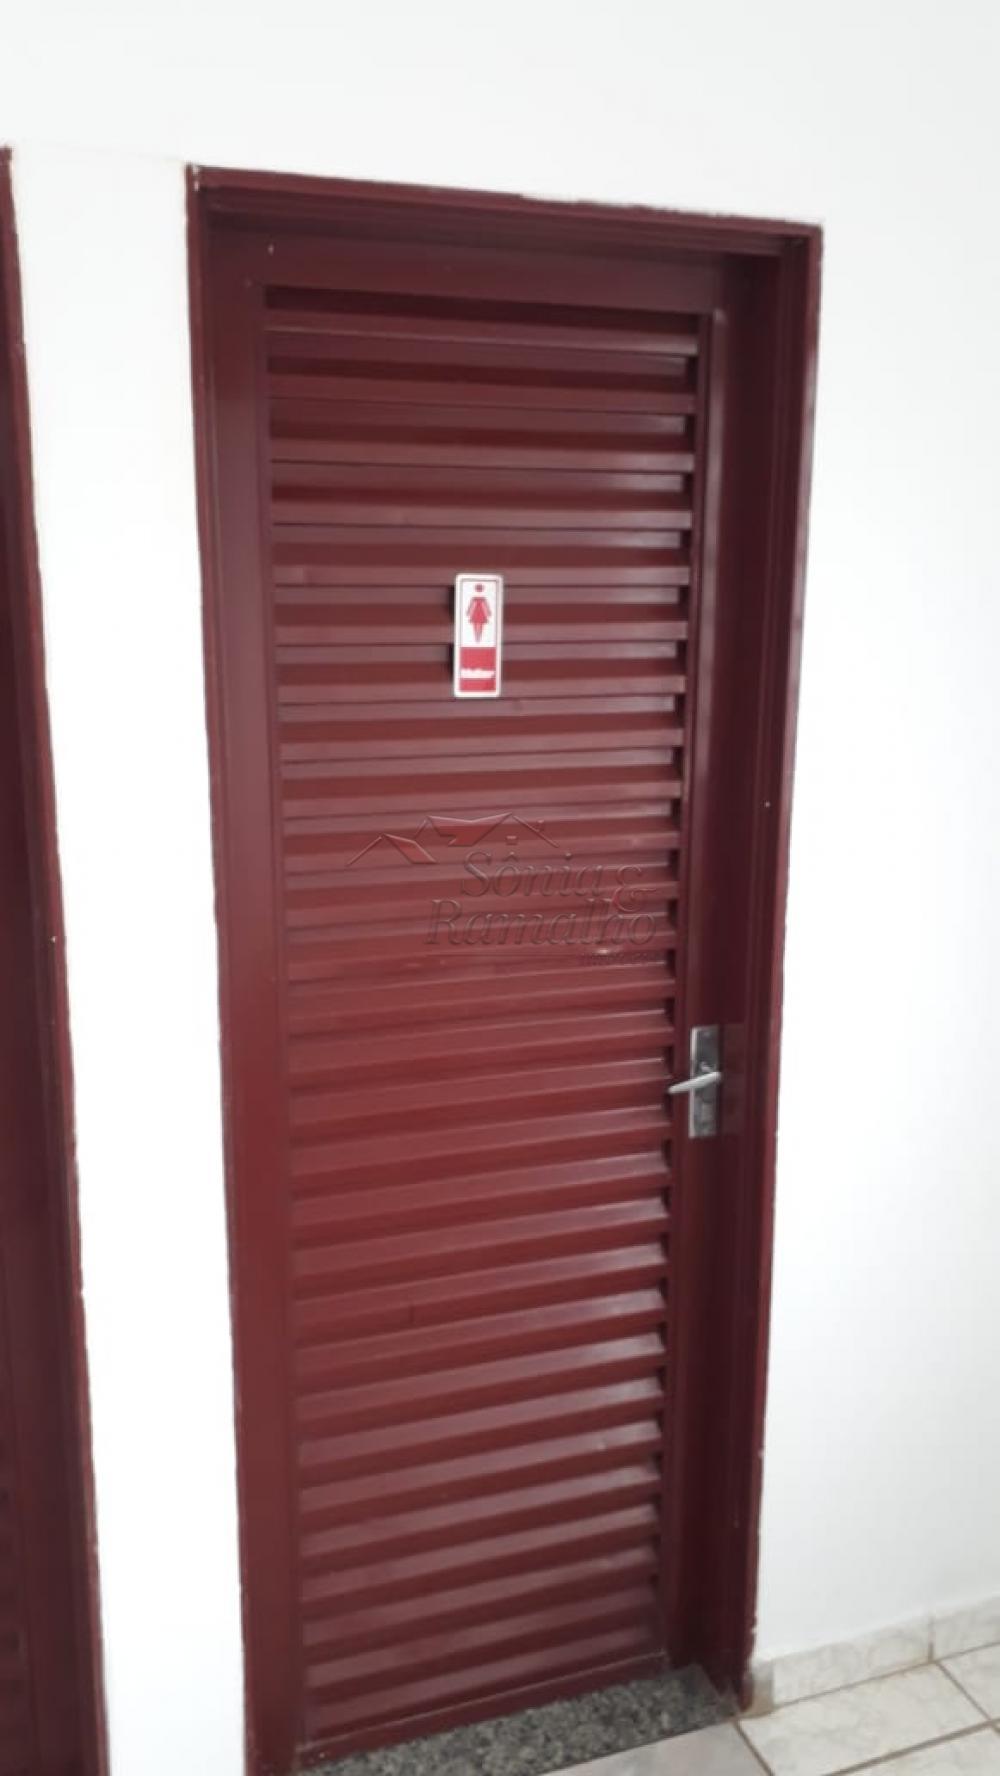 Alugar Comercial / Sala em Ribeirão Preto apenas R$ 850,00 - Foto 11